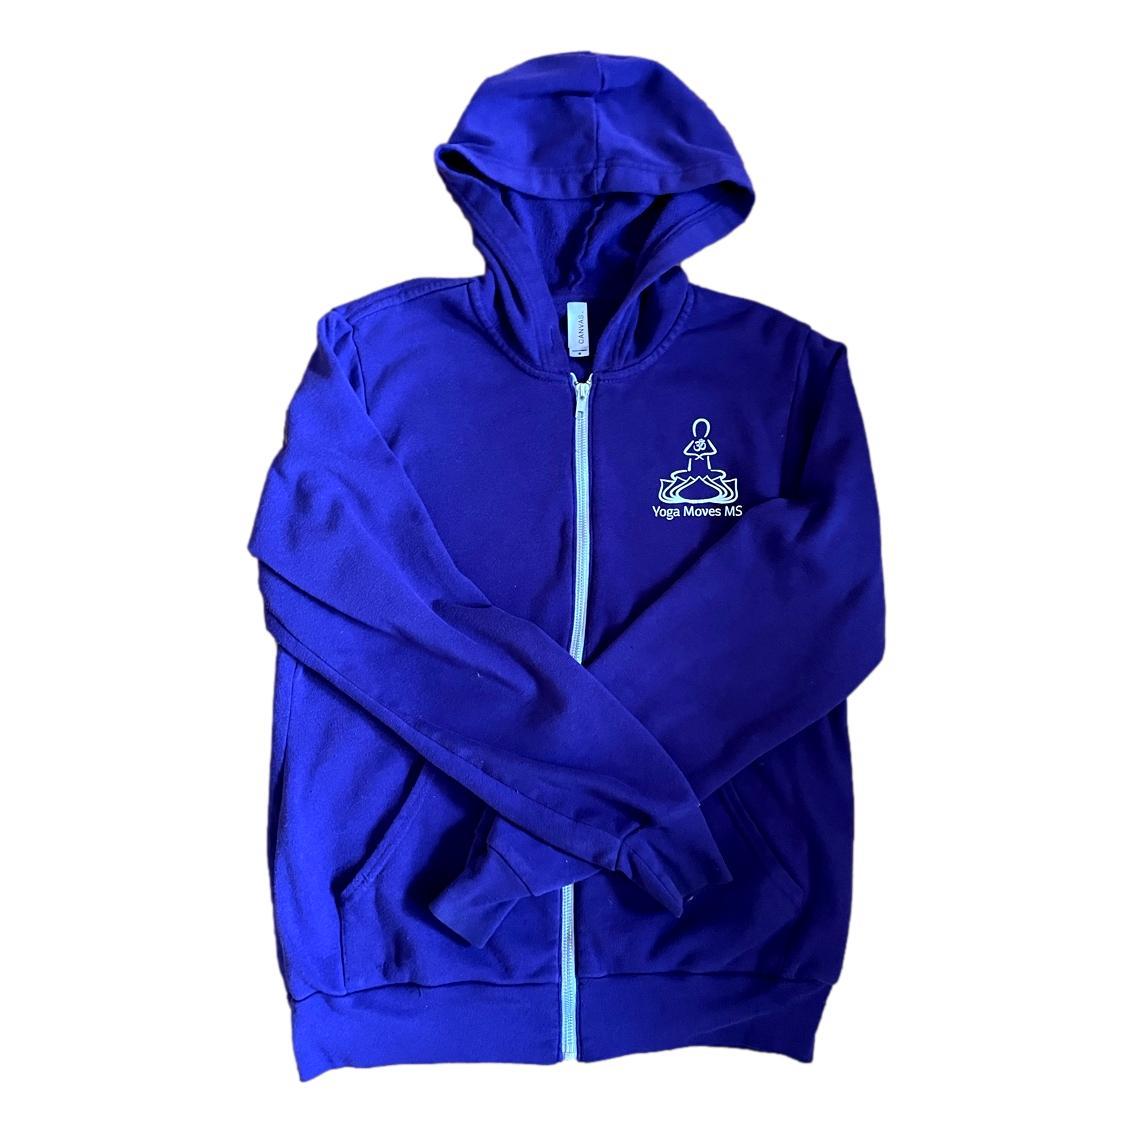 Purple Zip-Up Hooded Sweatshirt by Bella